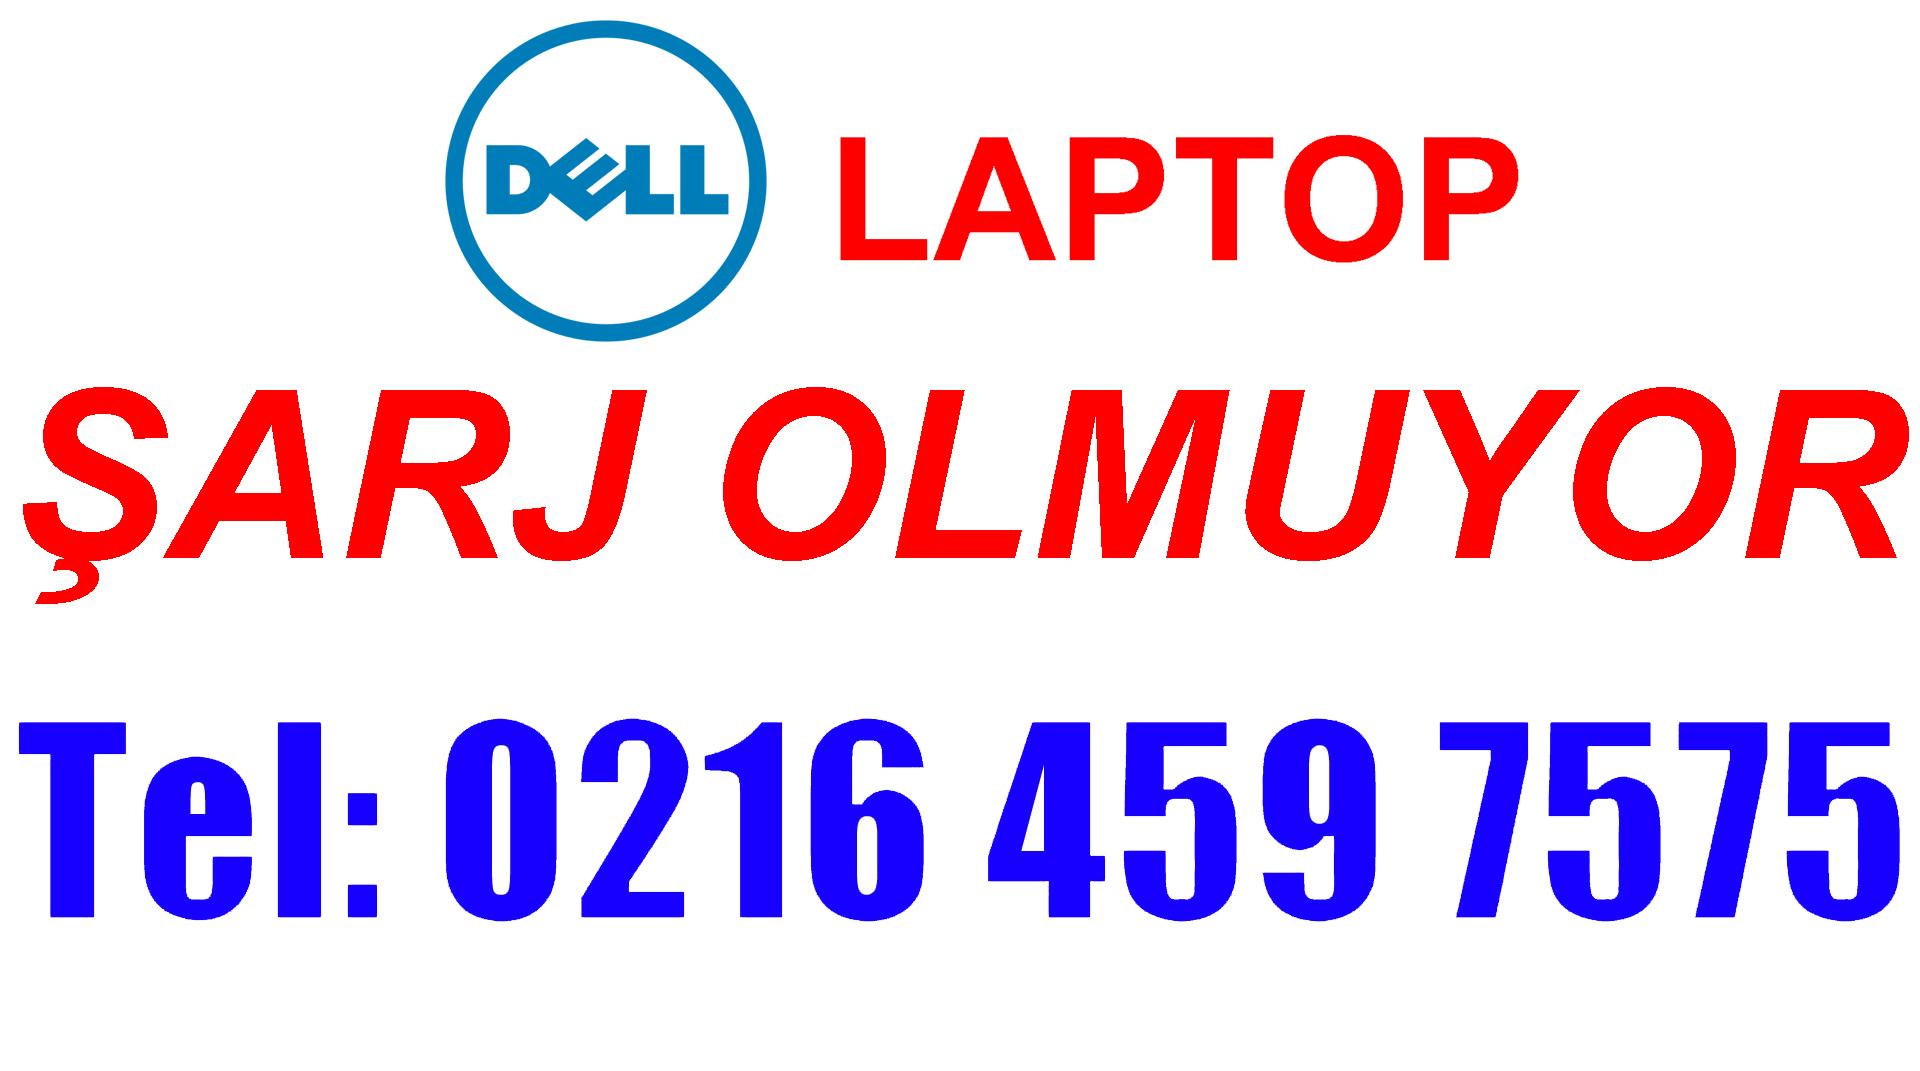 Dell Laptop Şarj Olmuyor